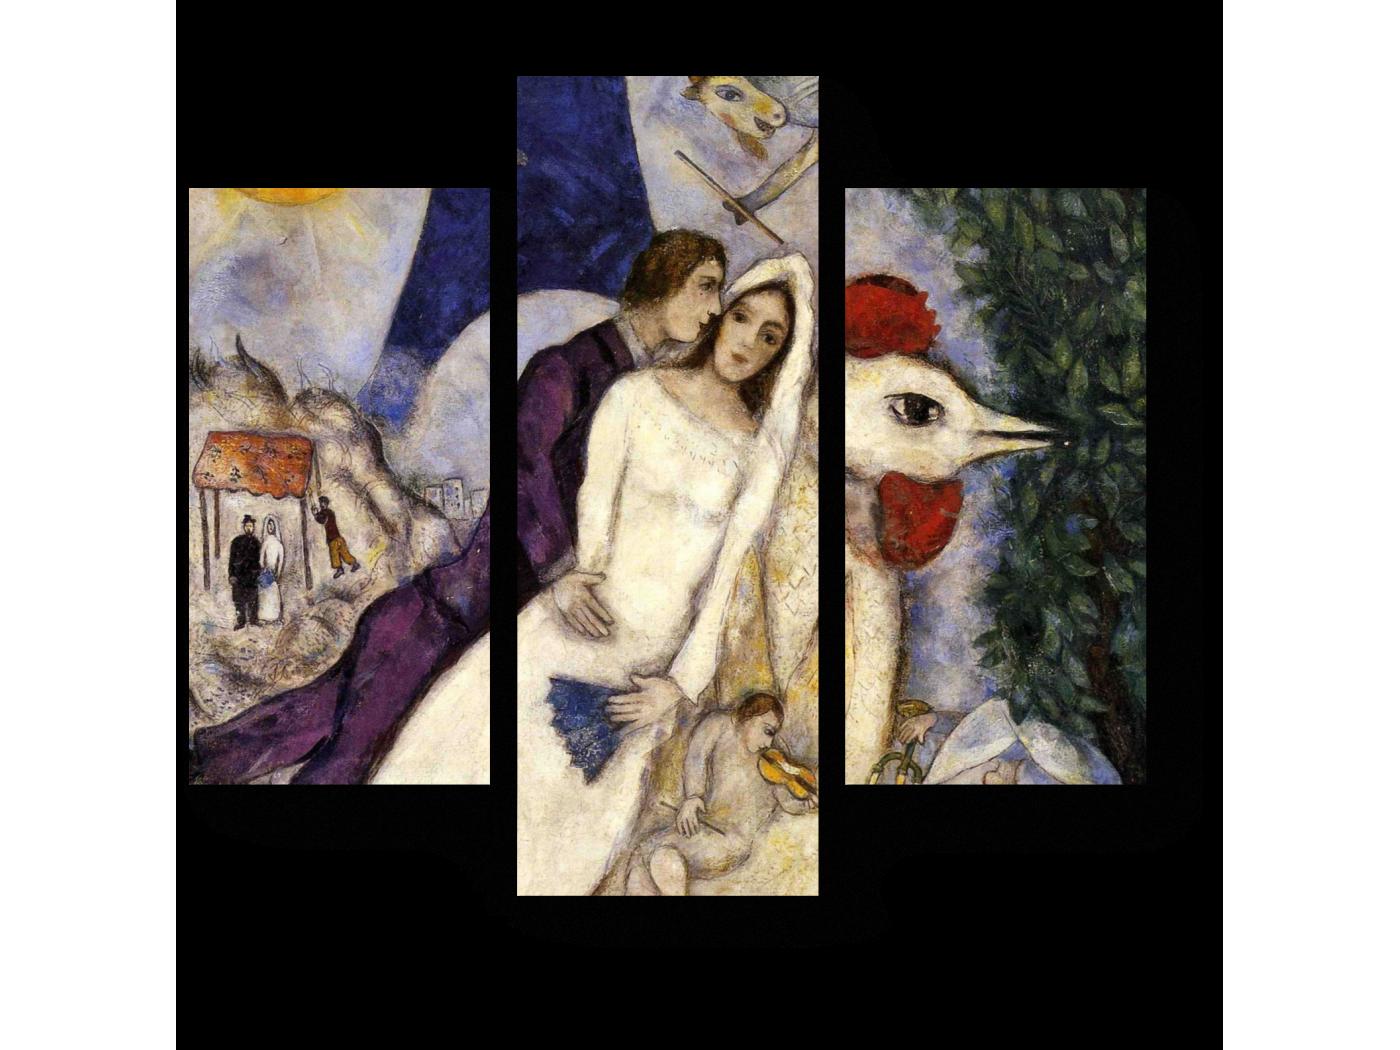 Открытки с репродукциями известных картин